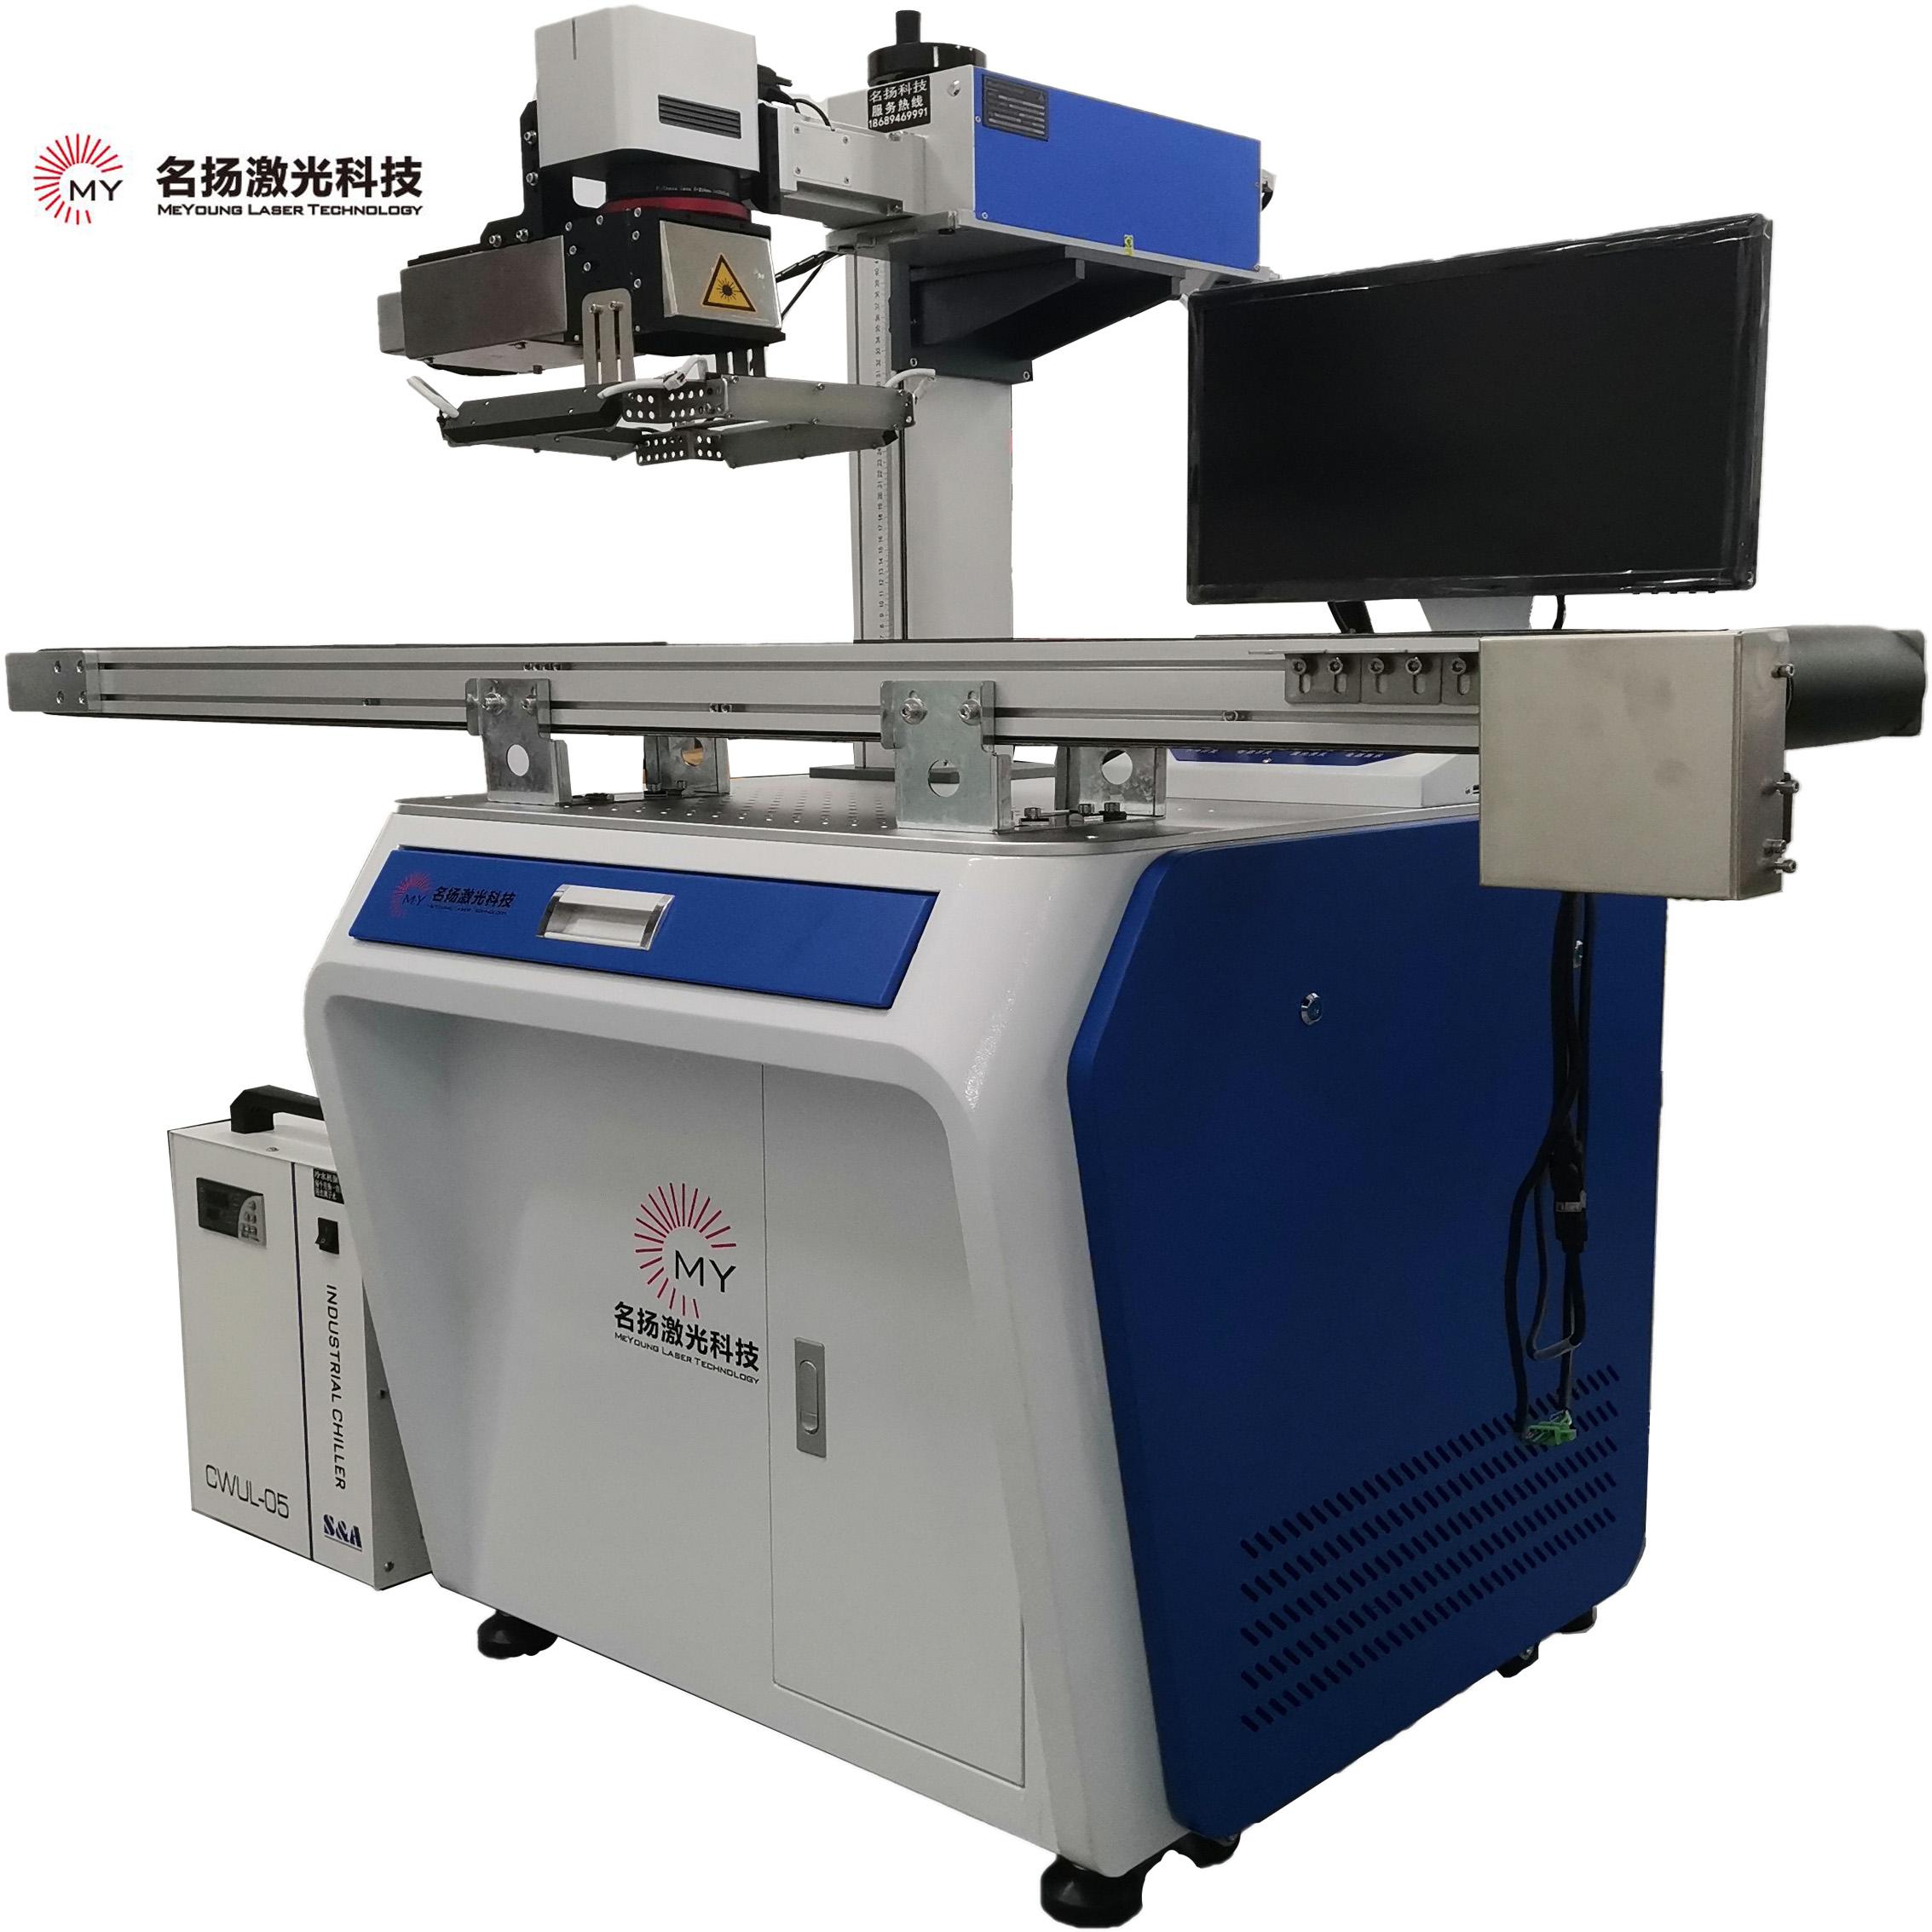 視覺自動化激光打標機